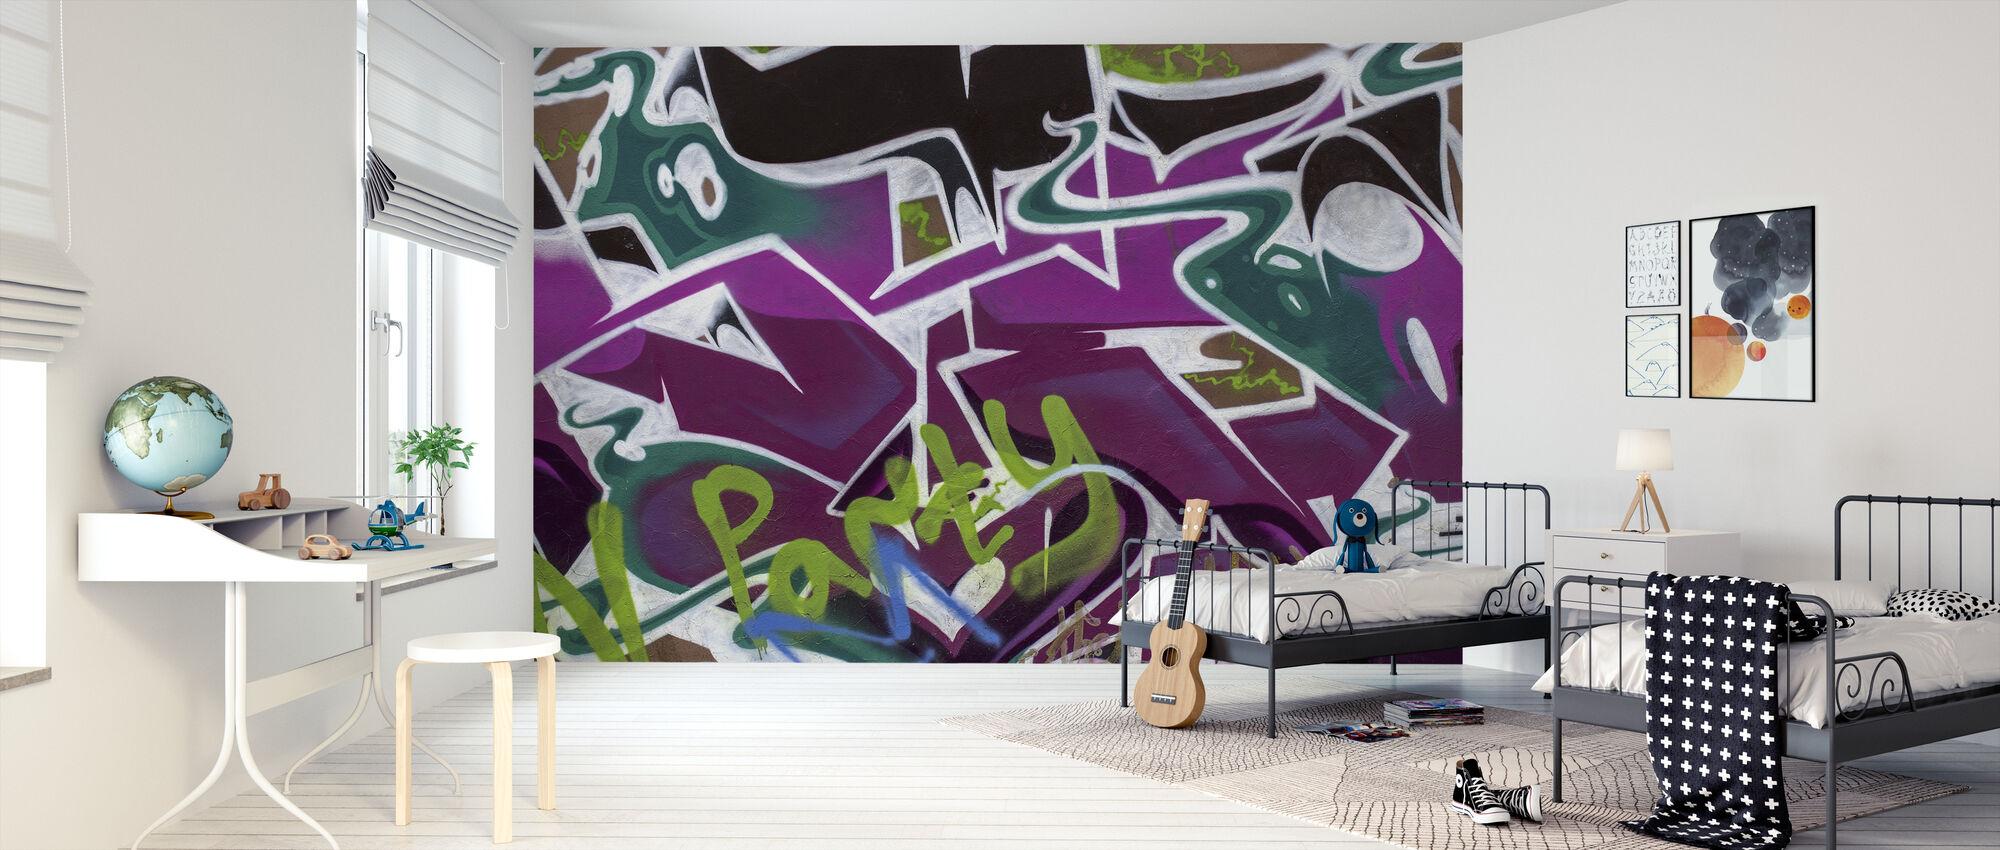 Partij Graffiti - Behang - Kinderkamer